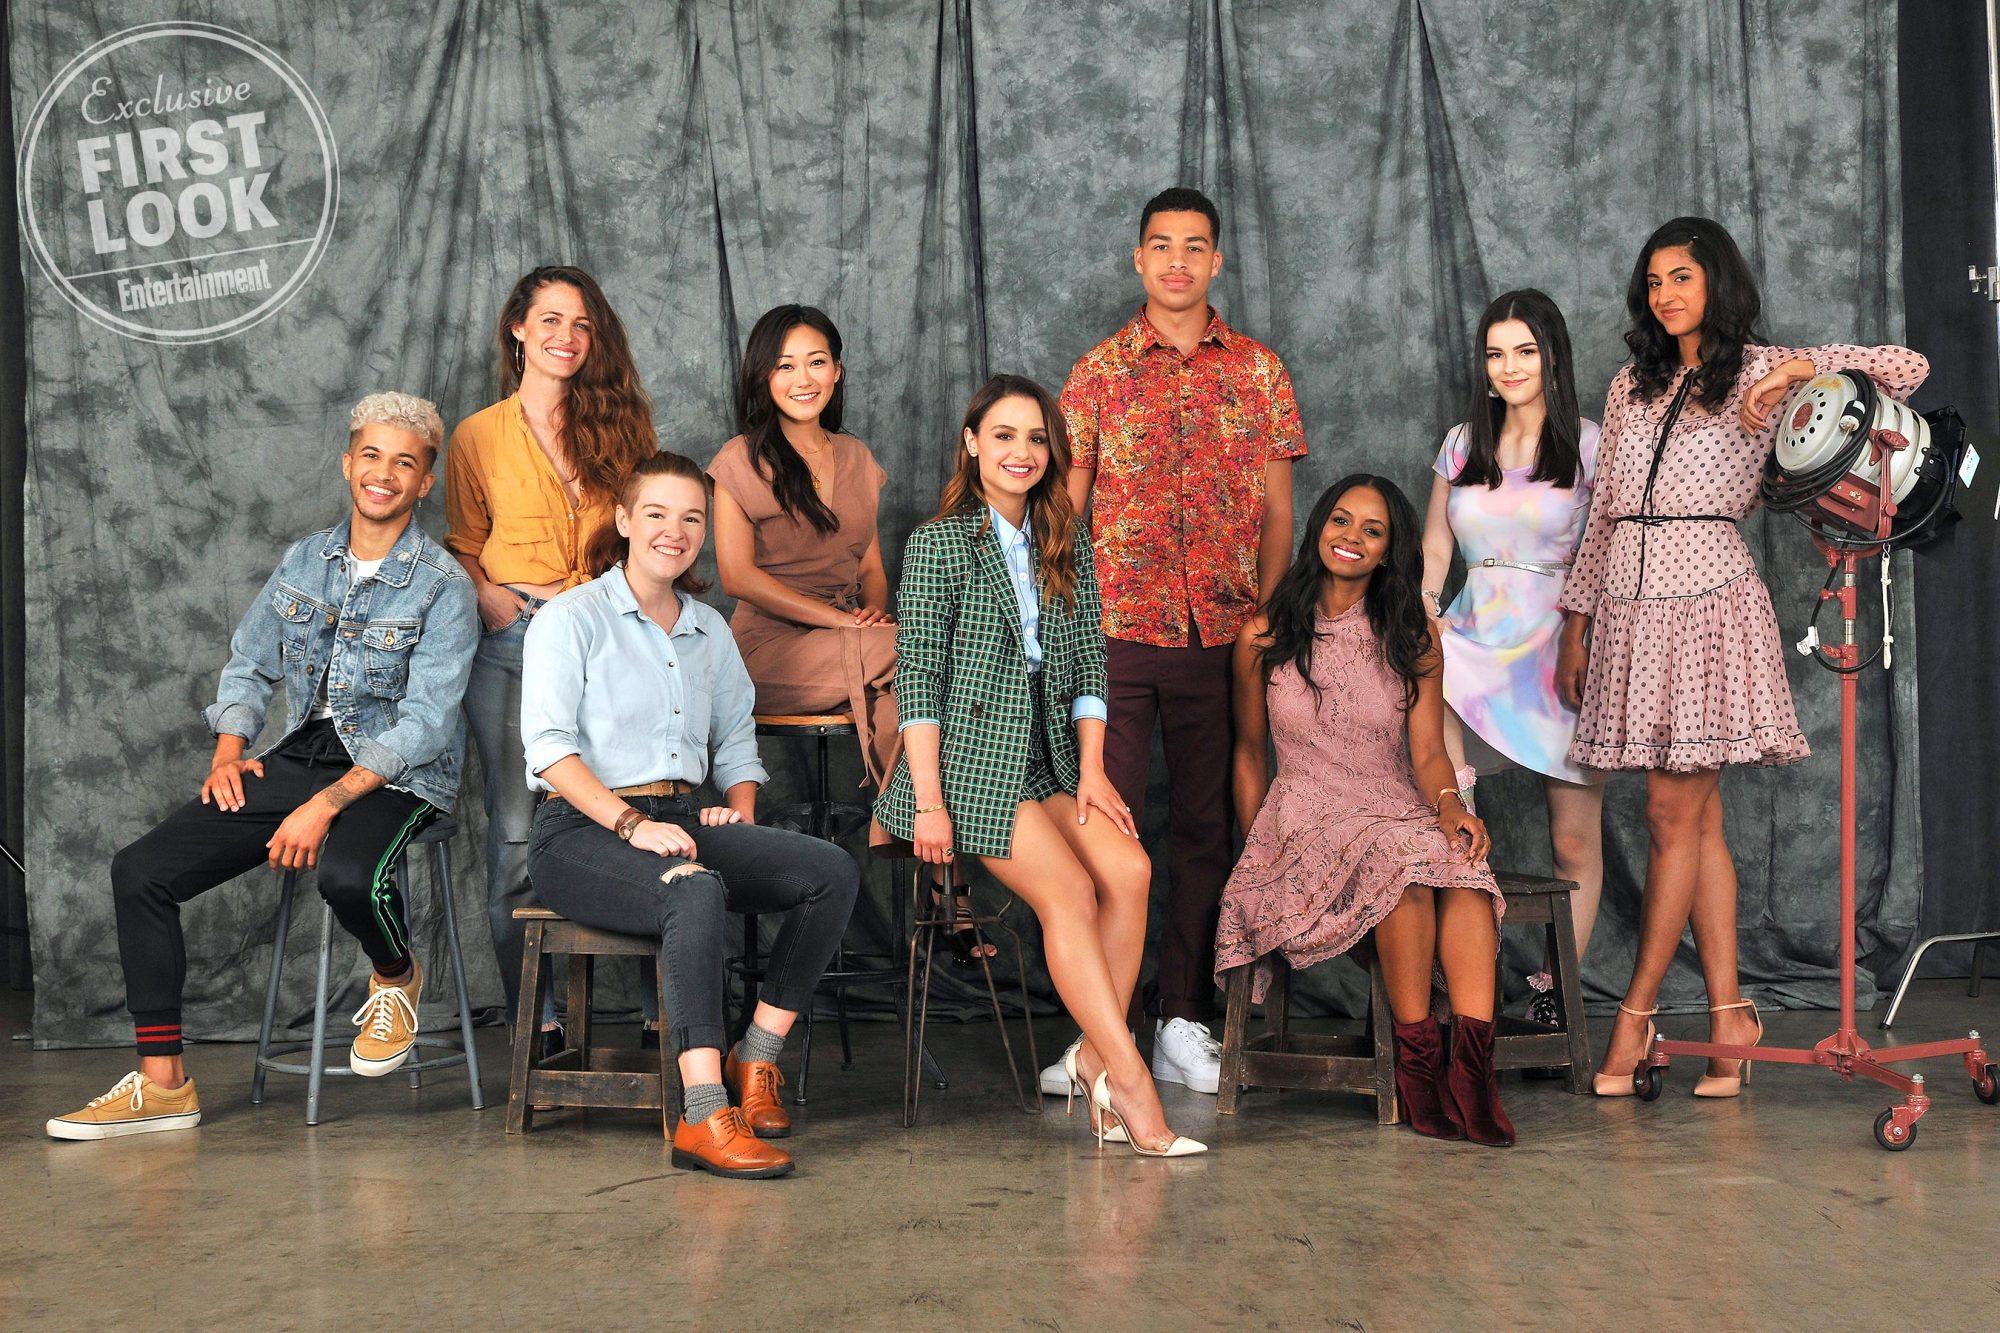 She-Ra cast group photo